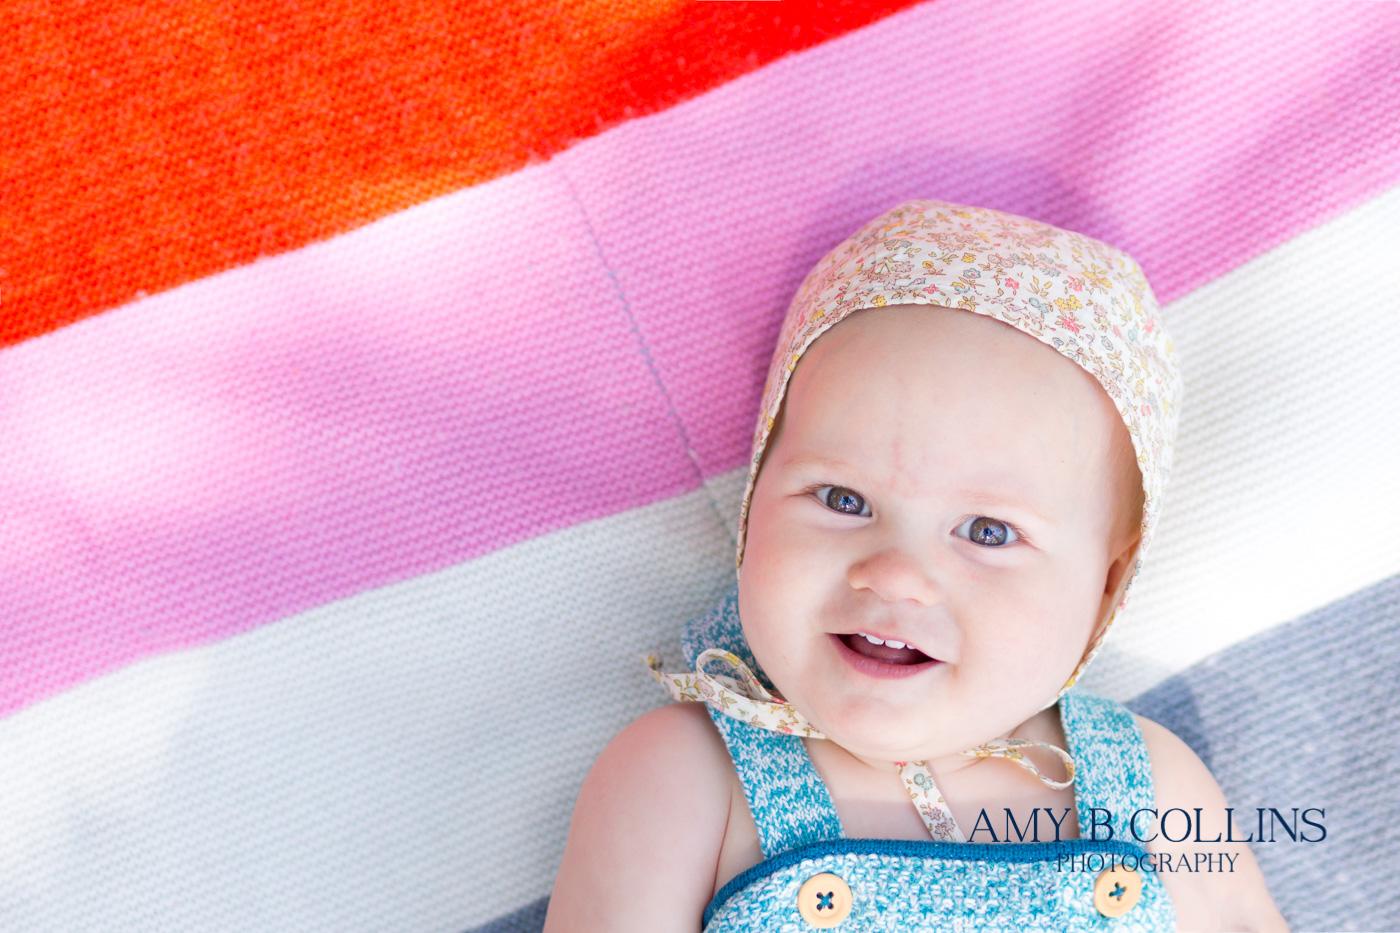 Amy_B_Collins_Photography_Needham Baby Photographer - 06.jpg